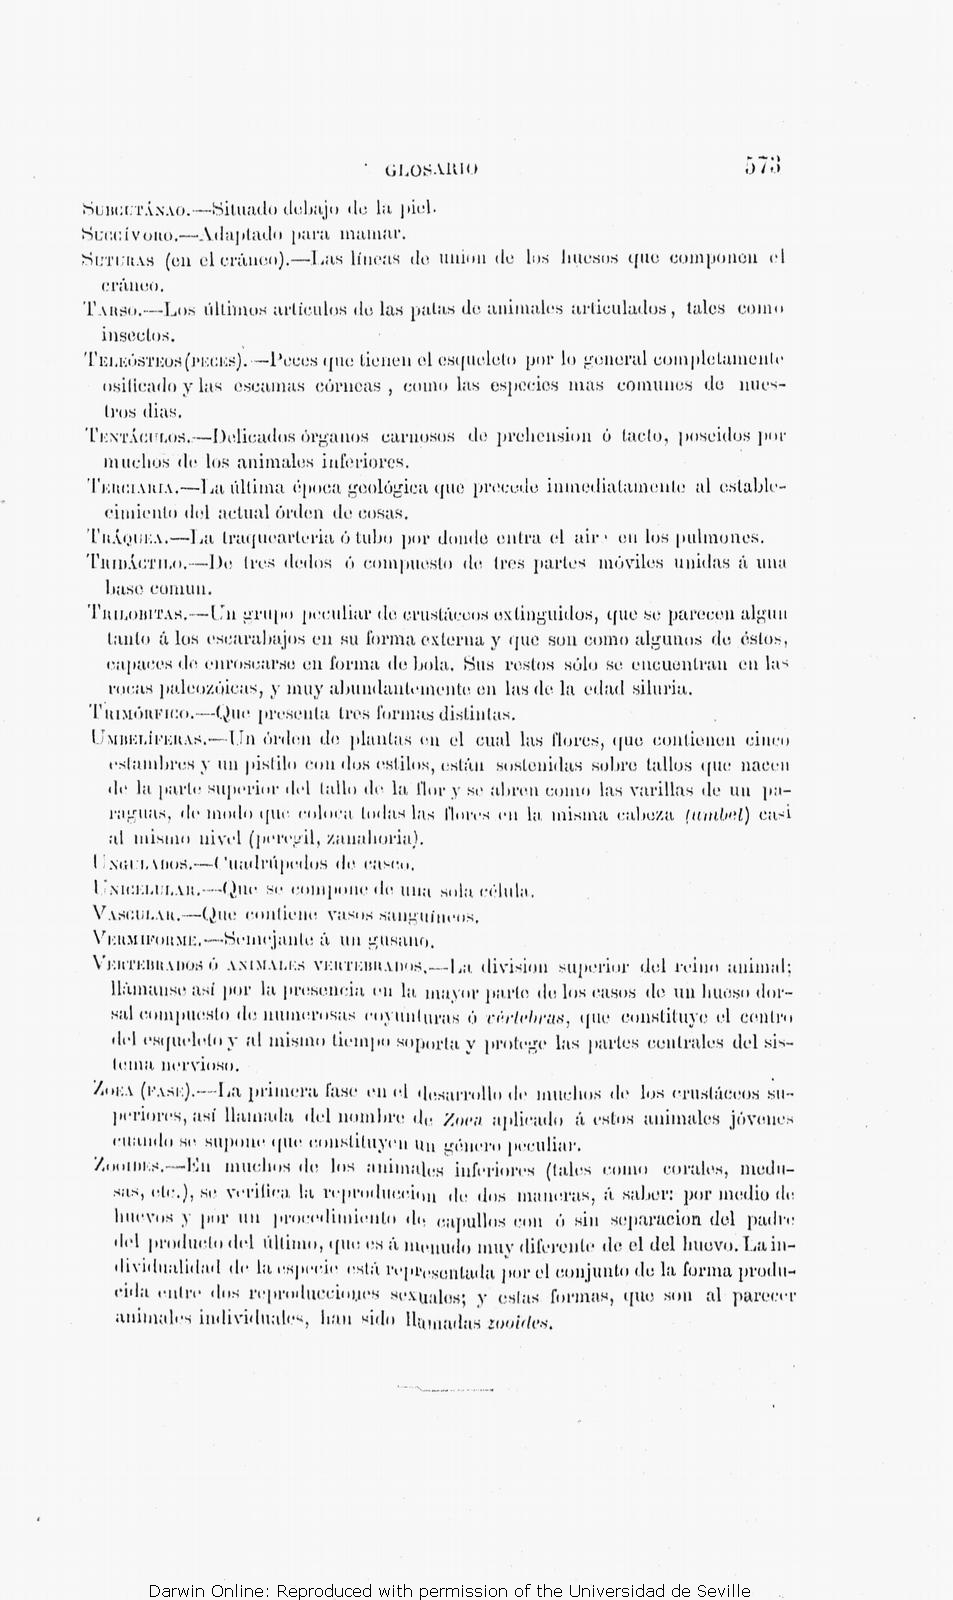 TdarwinCR1877Orígen Las La De Medio Por Especies e2YDIEW9H